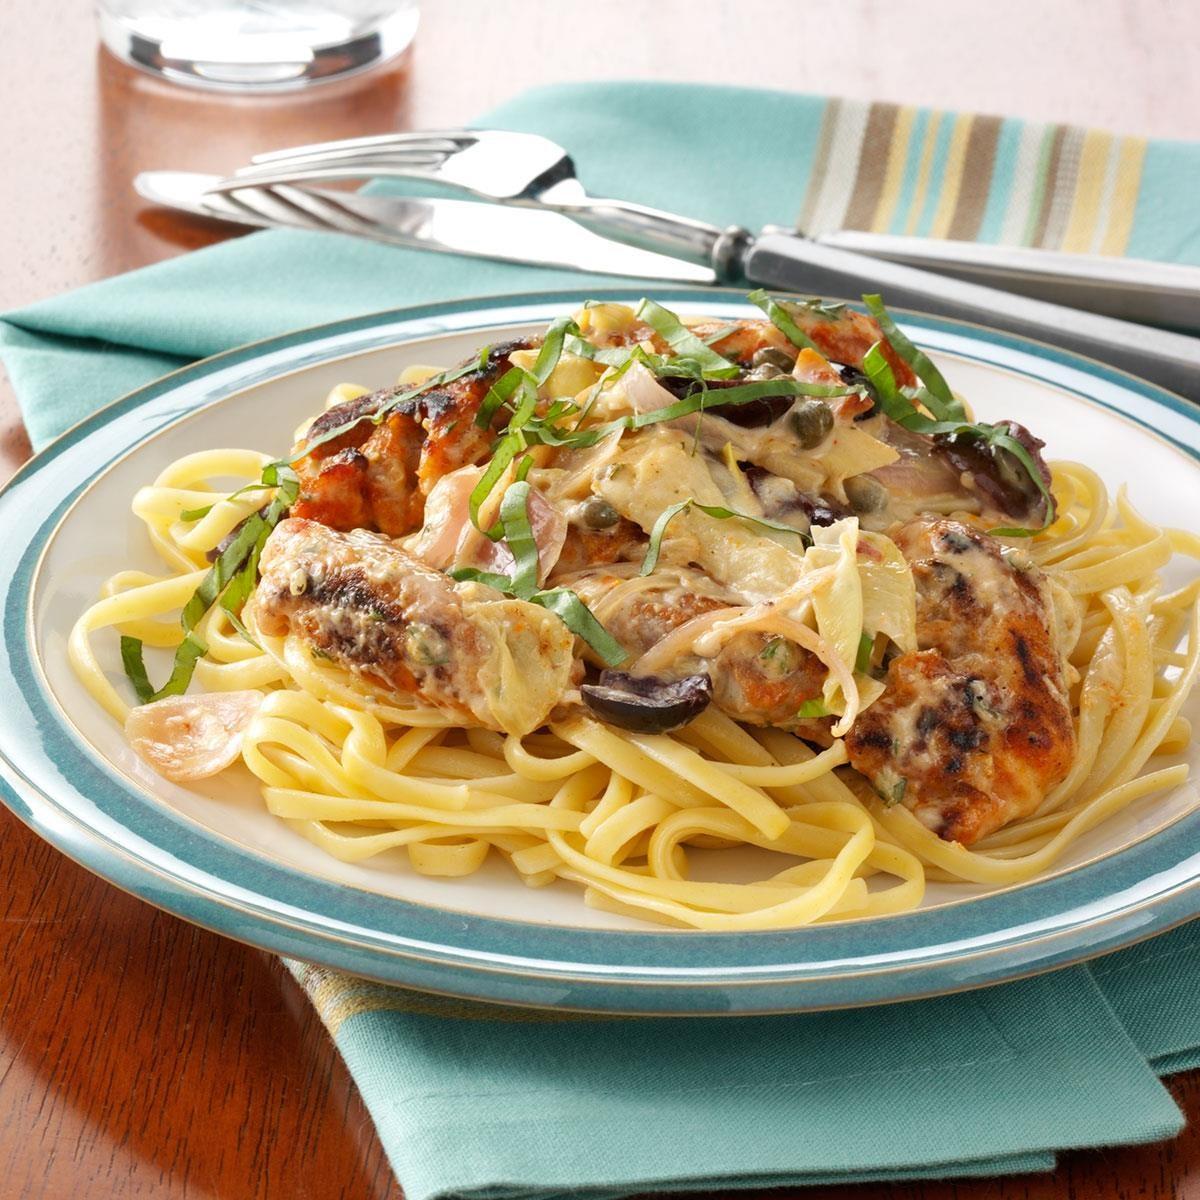 Lemon Chicken Mediterranean Style: Mediterranean Chicken In Creamy Herb Sauce Recipe